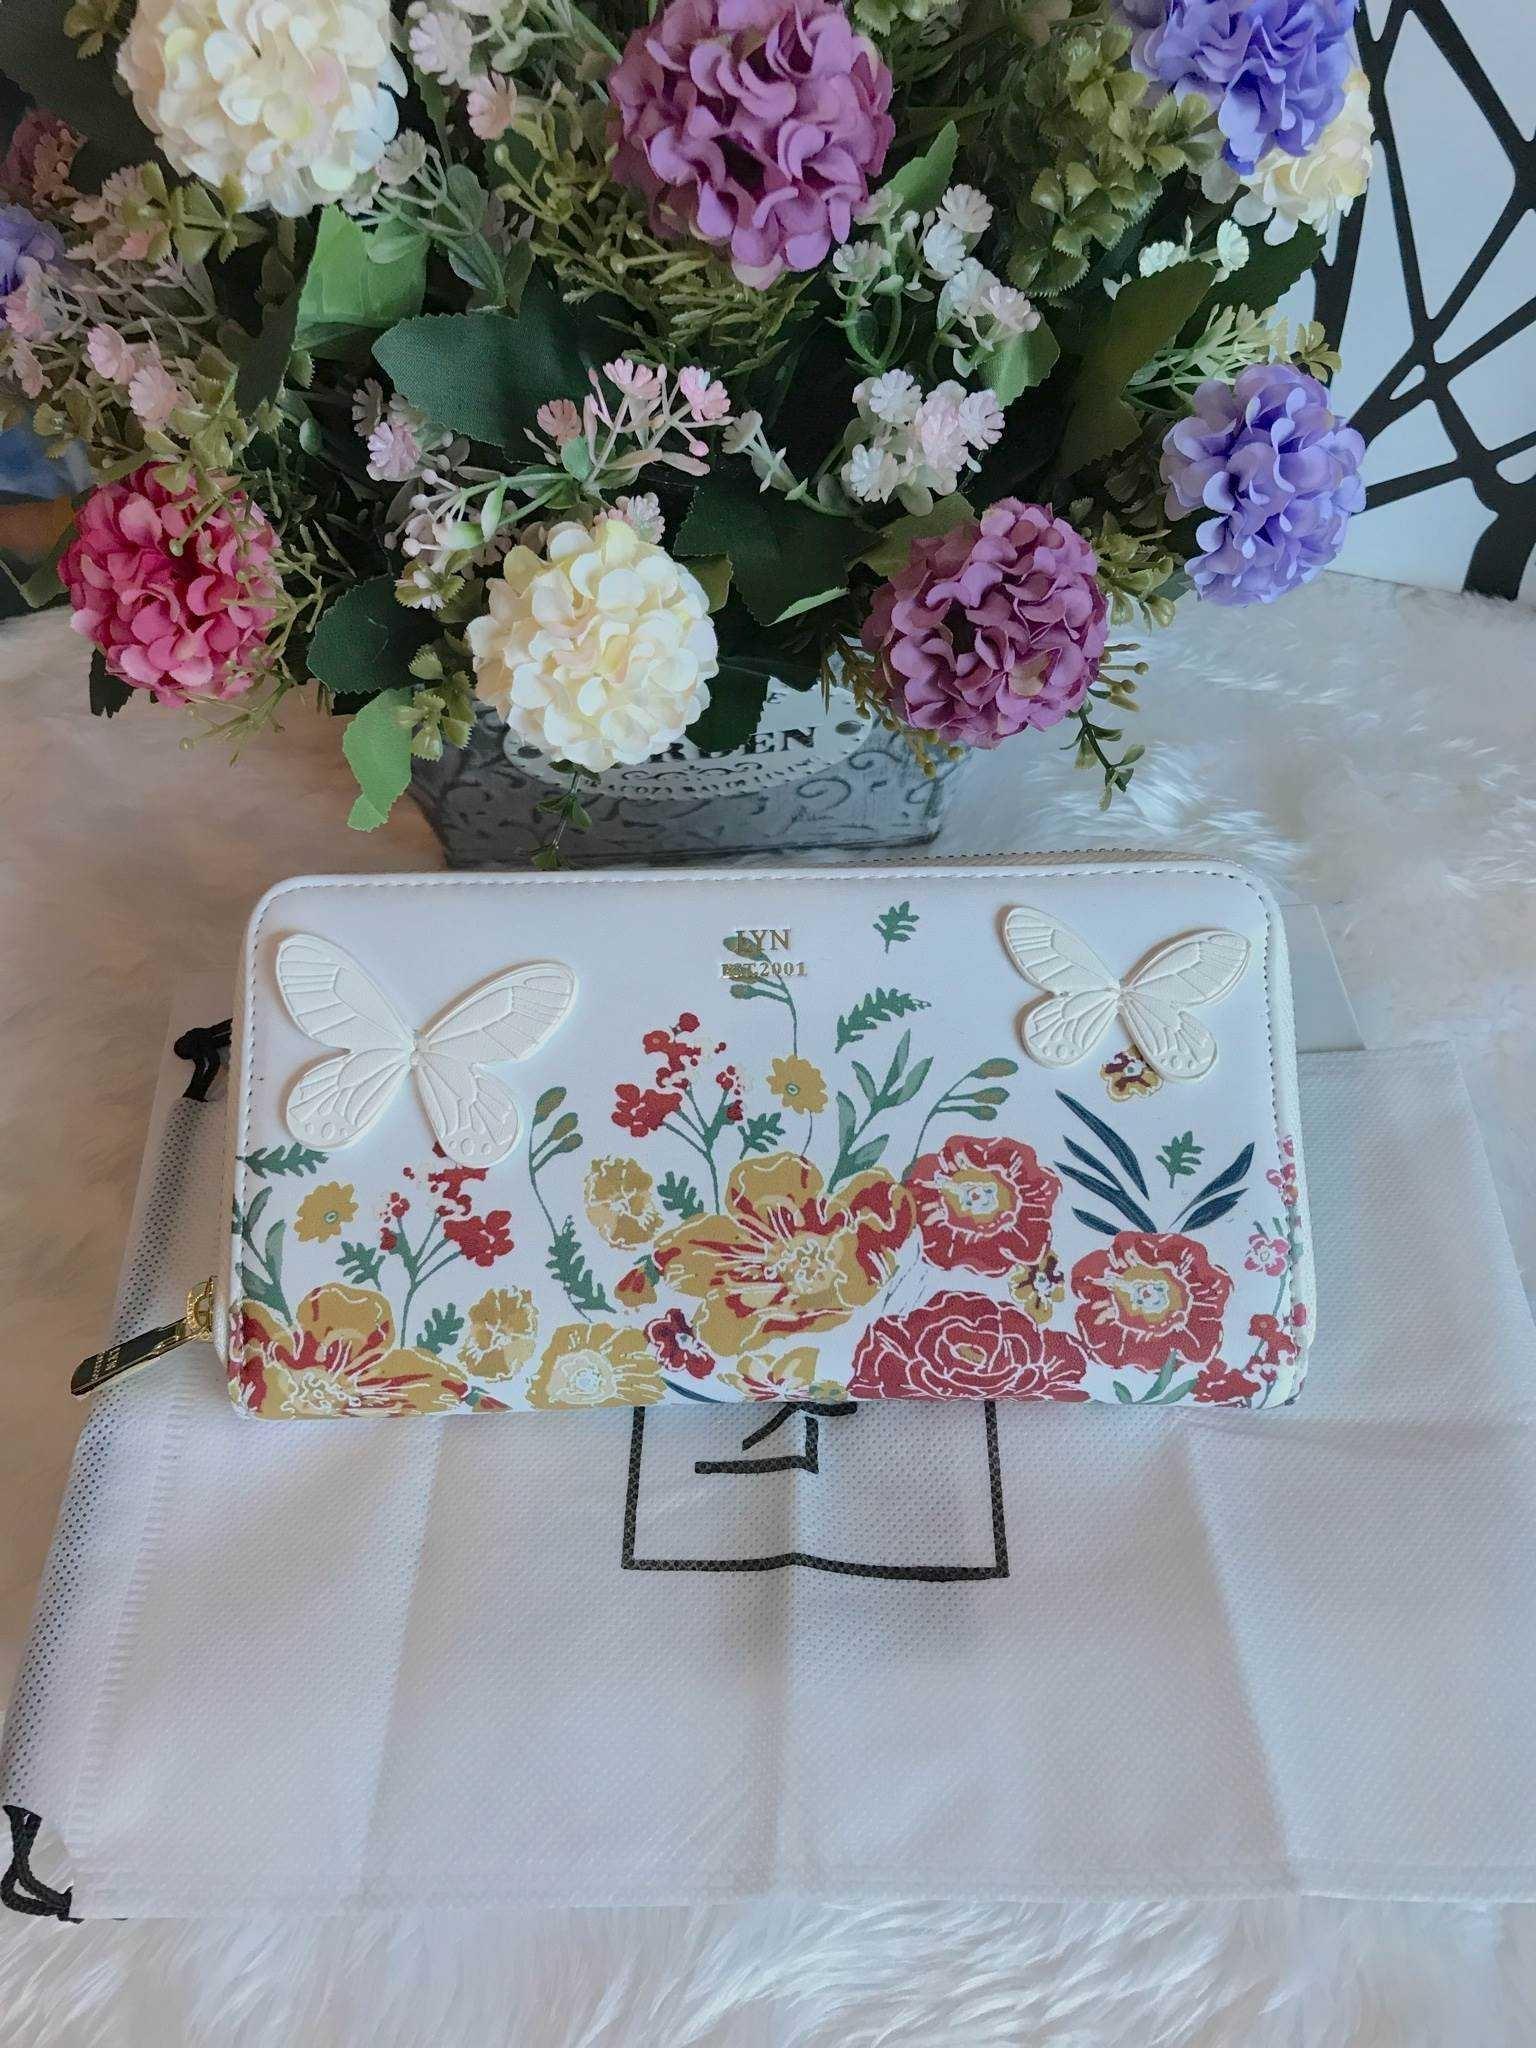 กระเป๋าเงิน ใบยาว LYN Clarlynna Long Wallet Bag สีขาว ราคา 1,190 บาท Free Ems